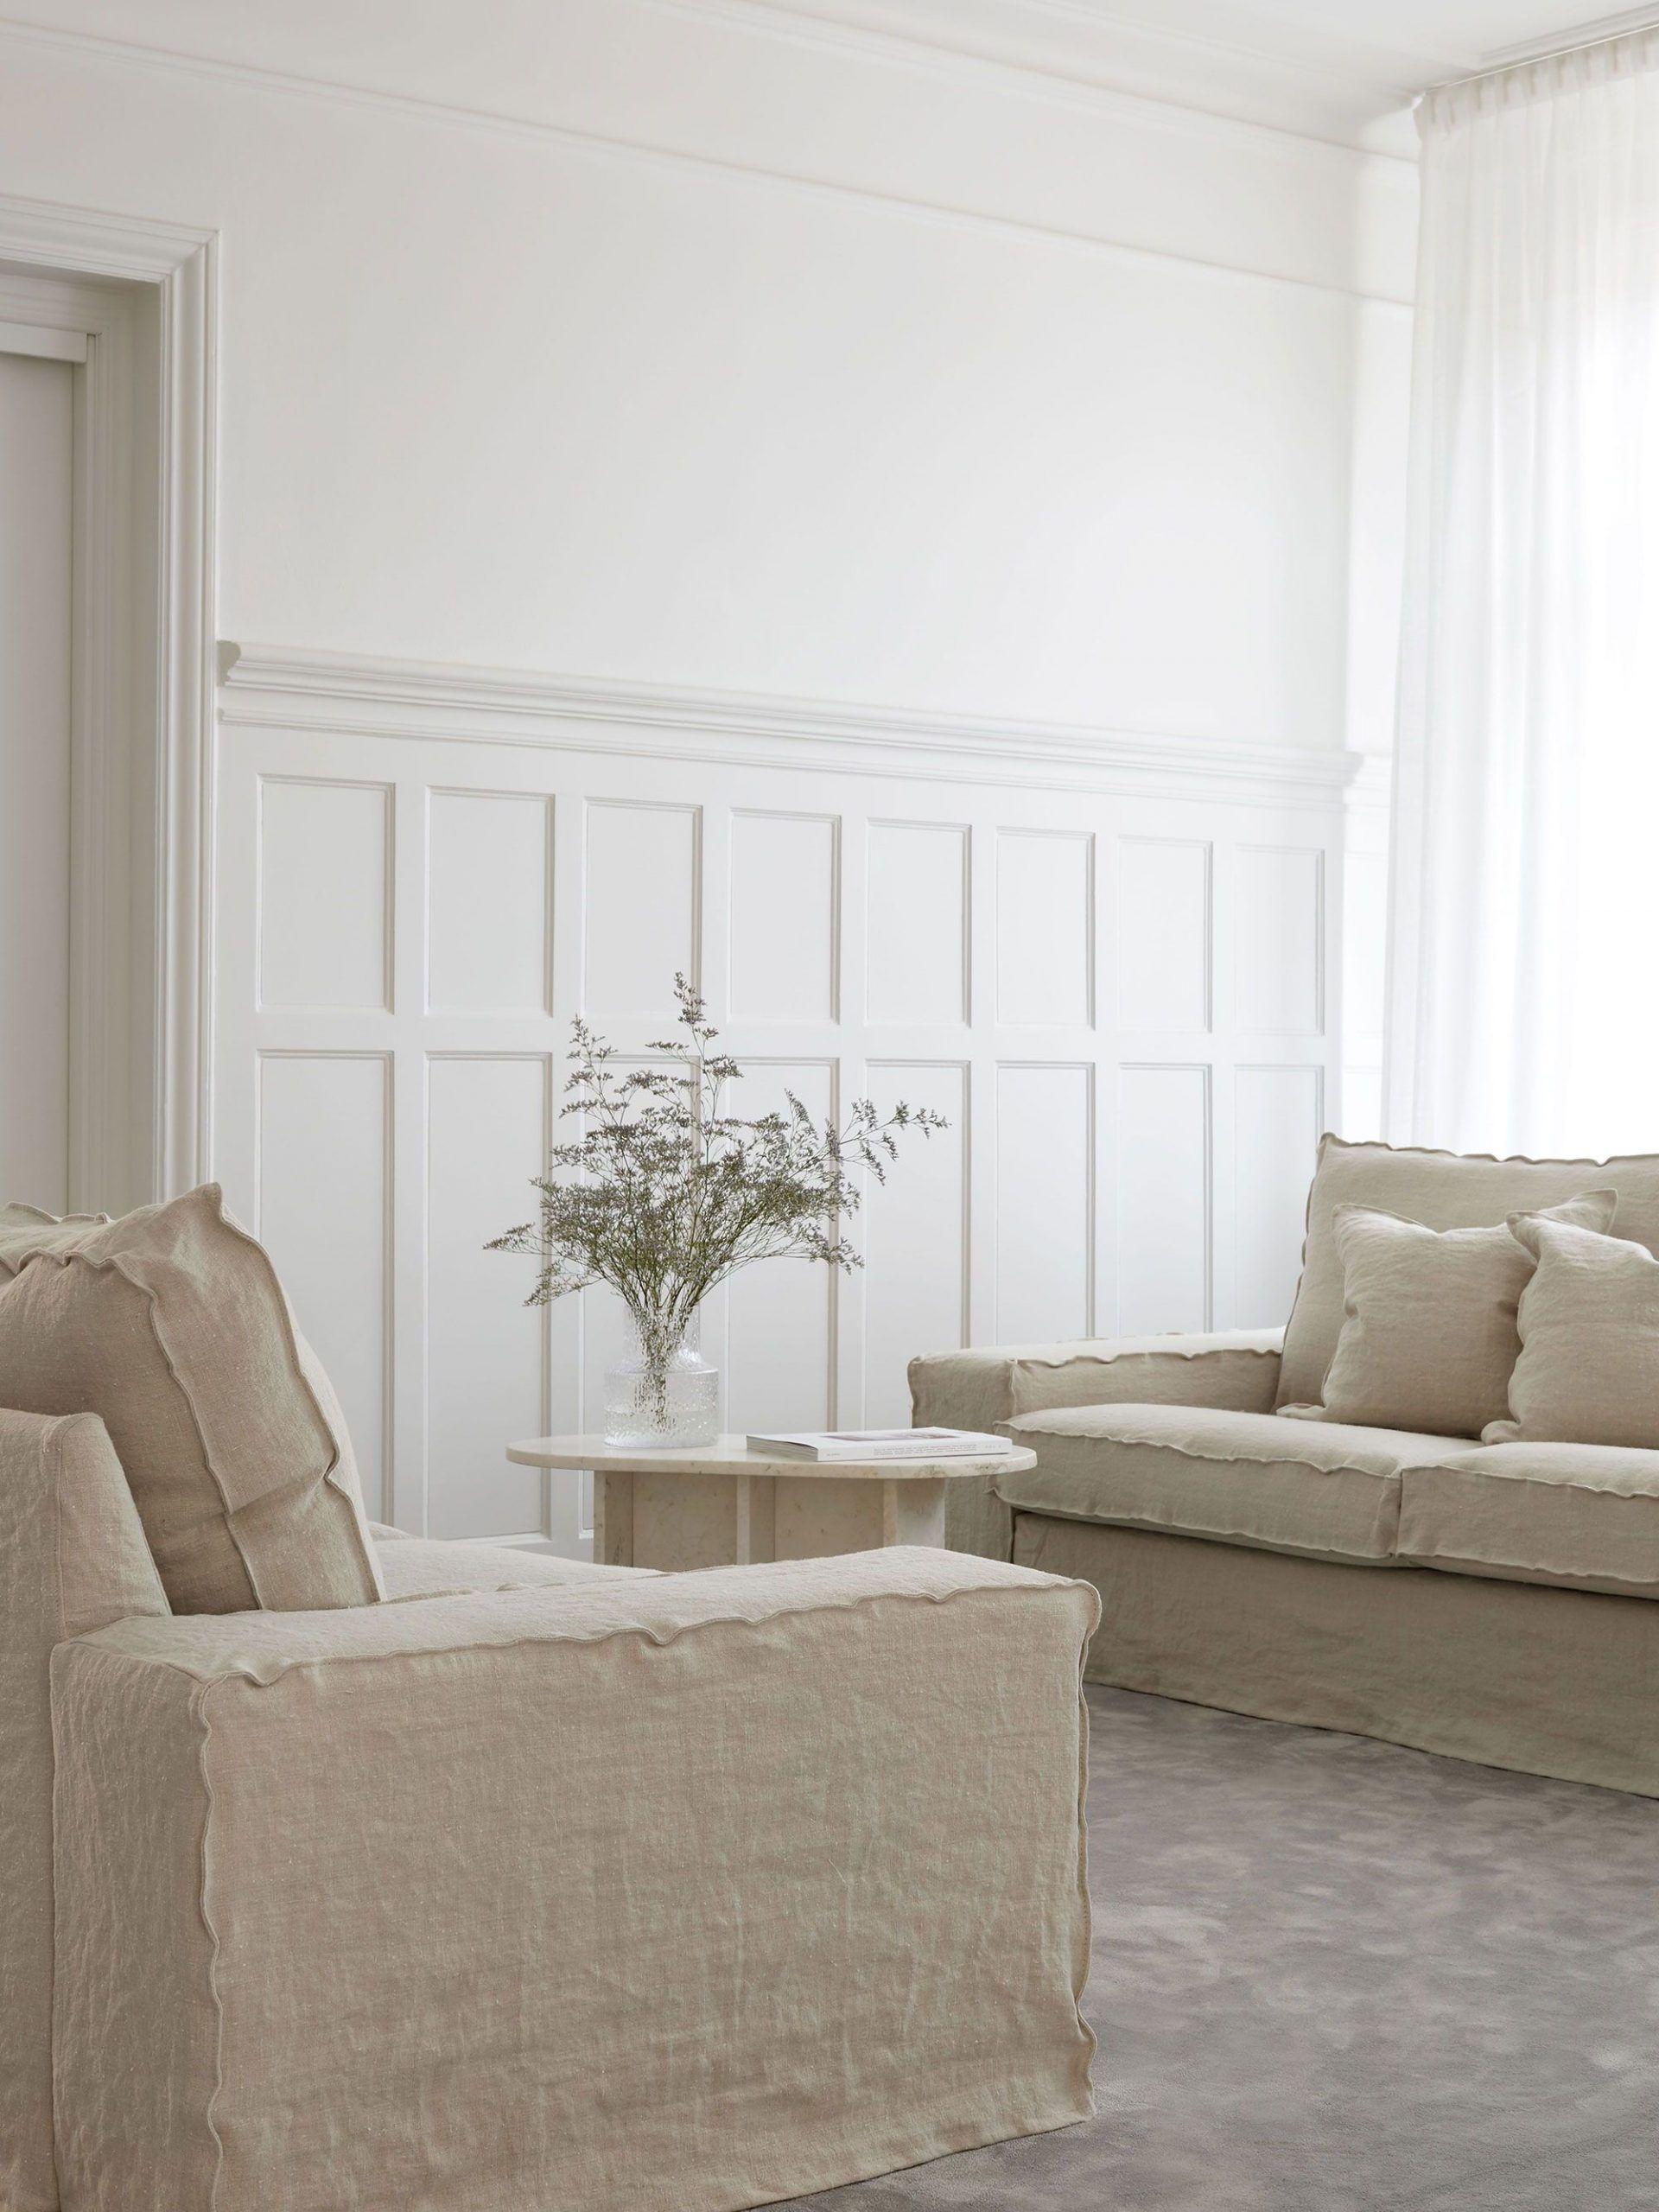 Kivik 3 Seater Sofa Cover Loose Fit In 2020 Ikea Kivik Kivik